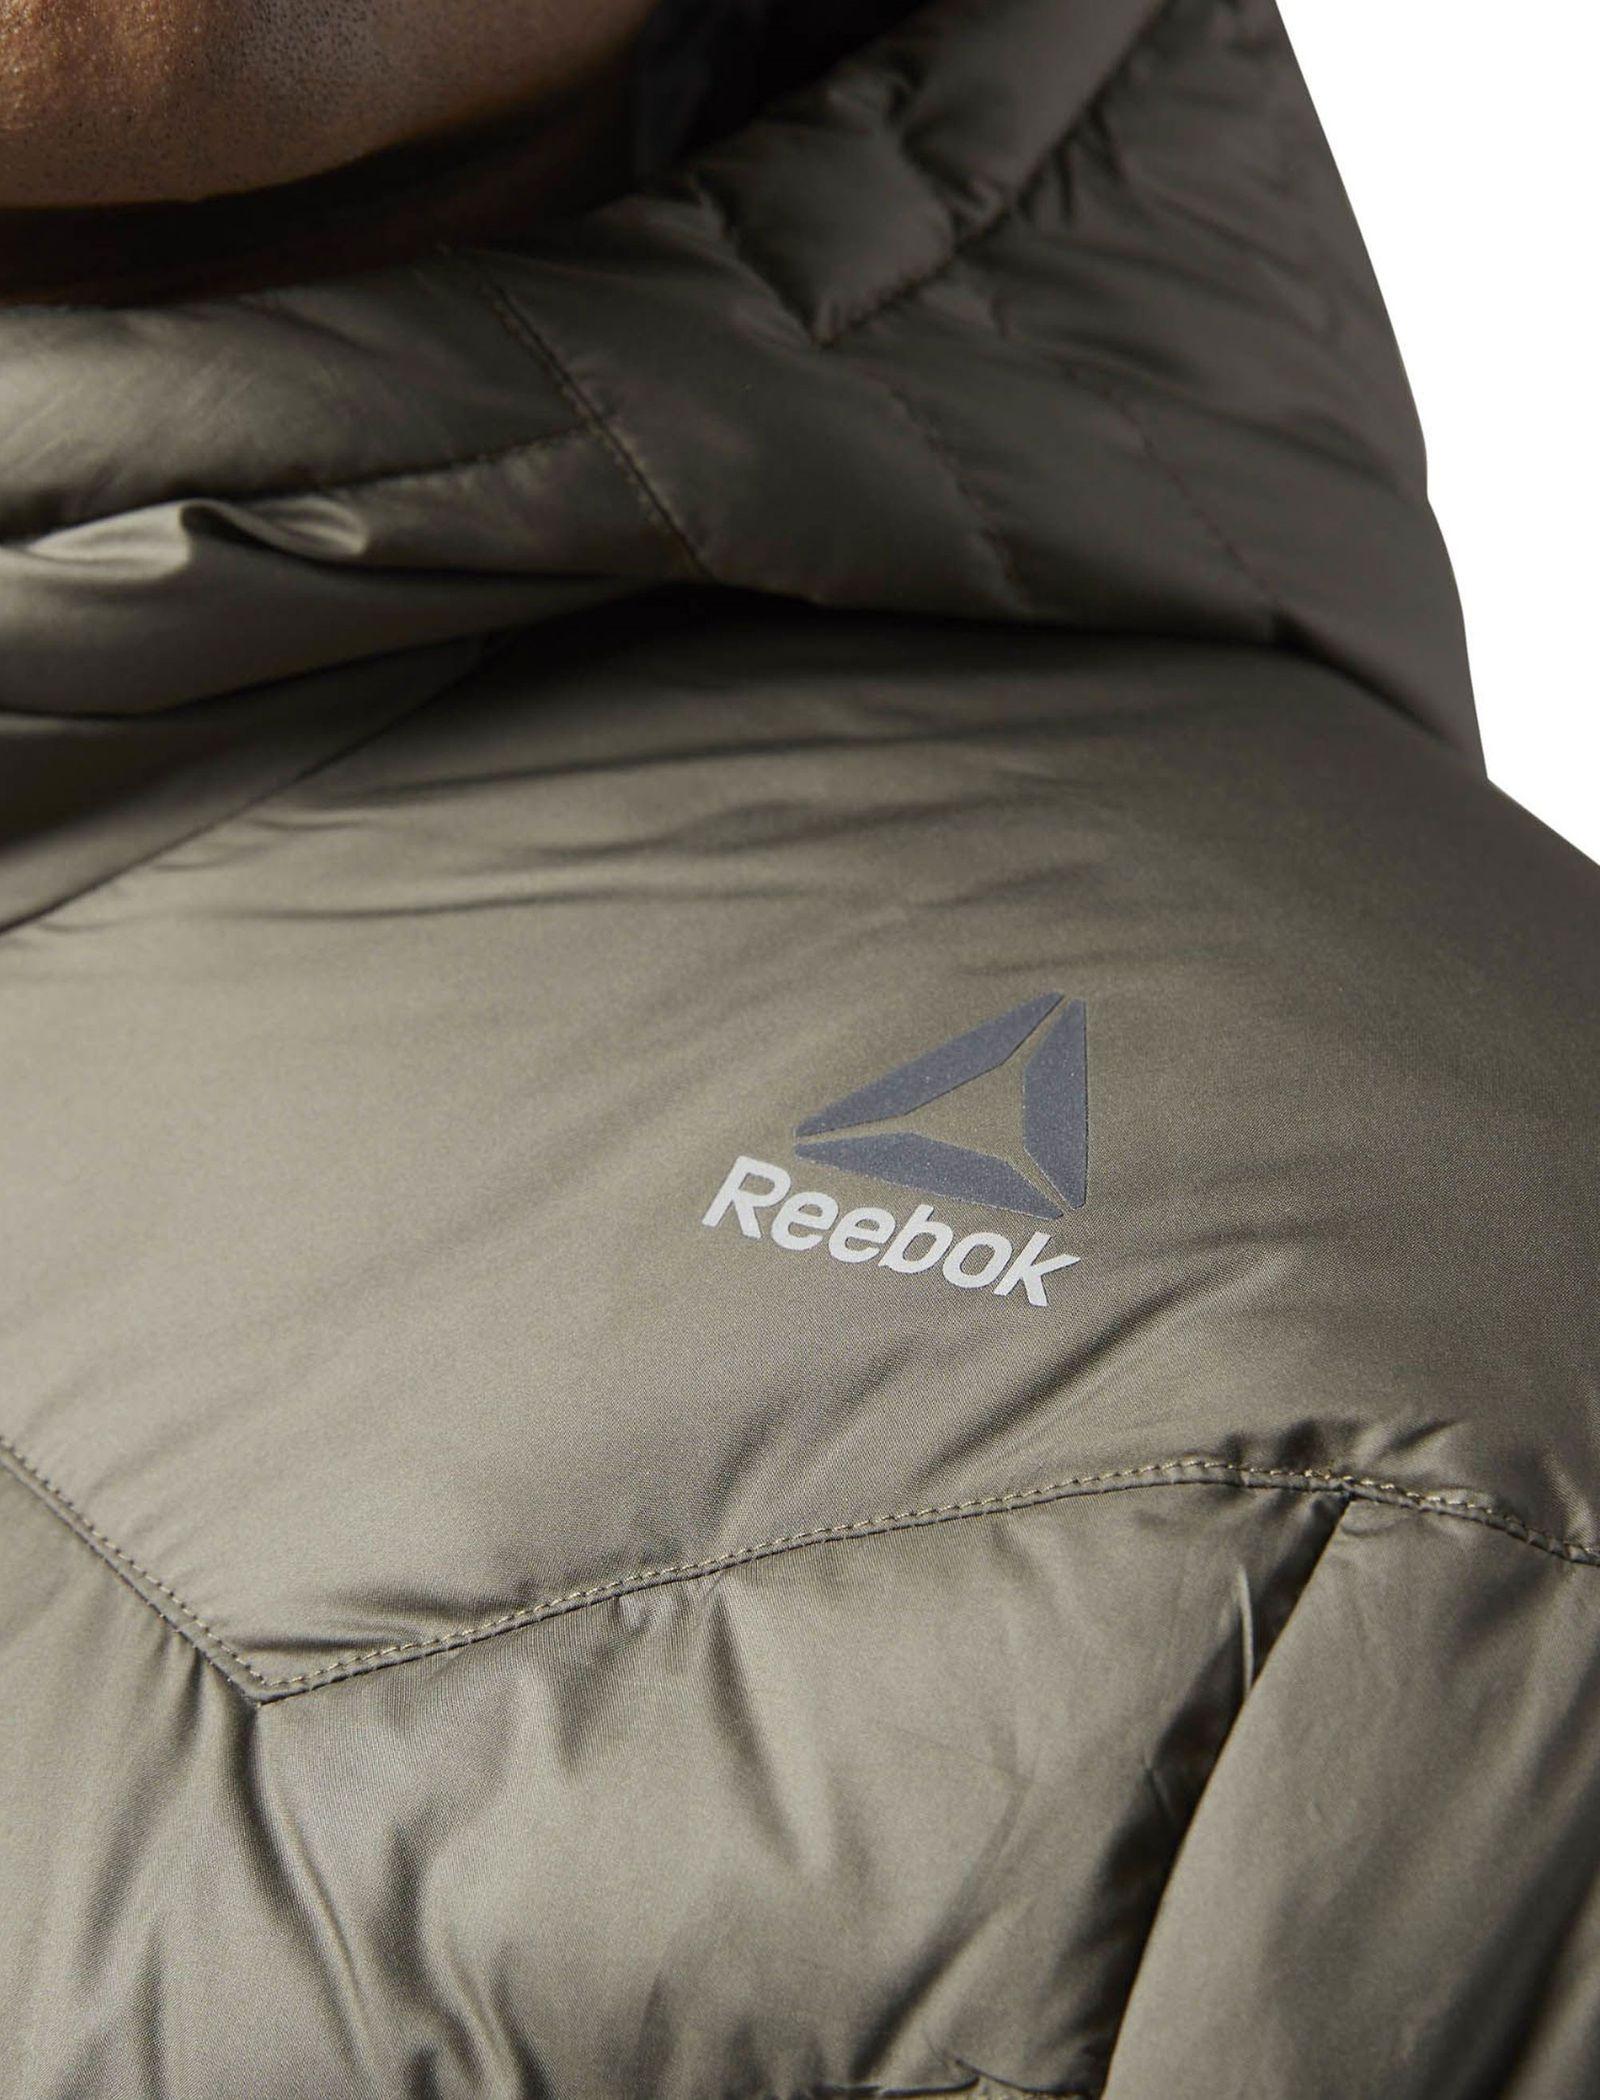 کاپشن کوتاه مردانه Down Jacket - ریباک - زيتوني قهوه اي - 6